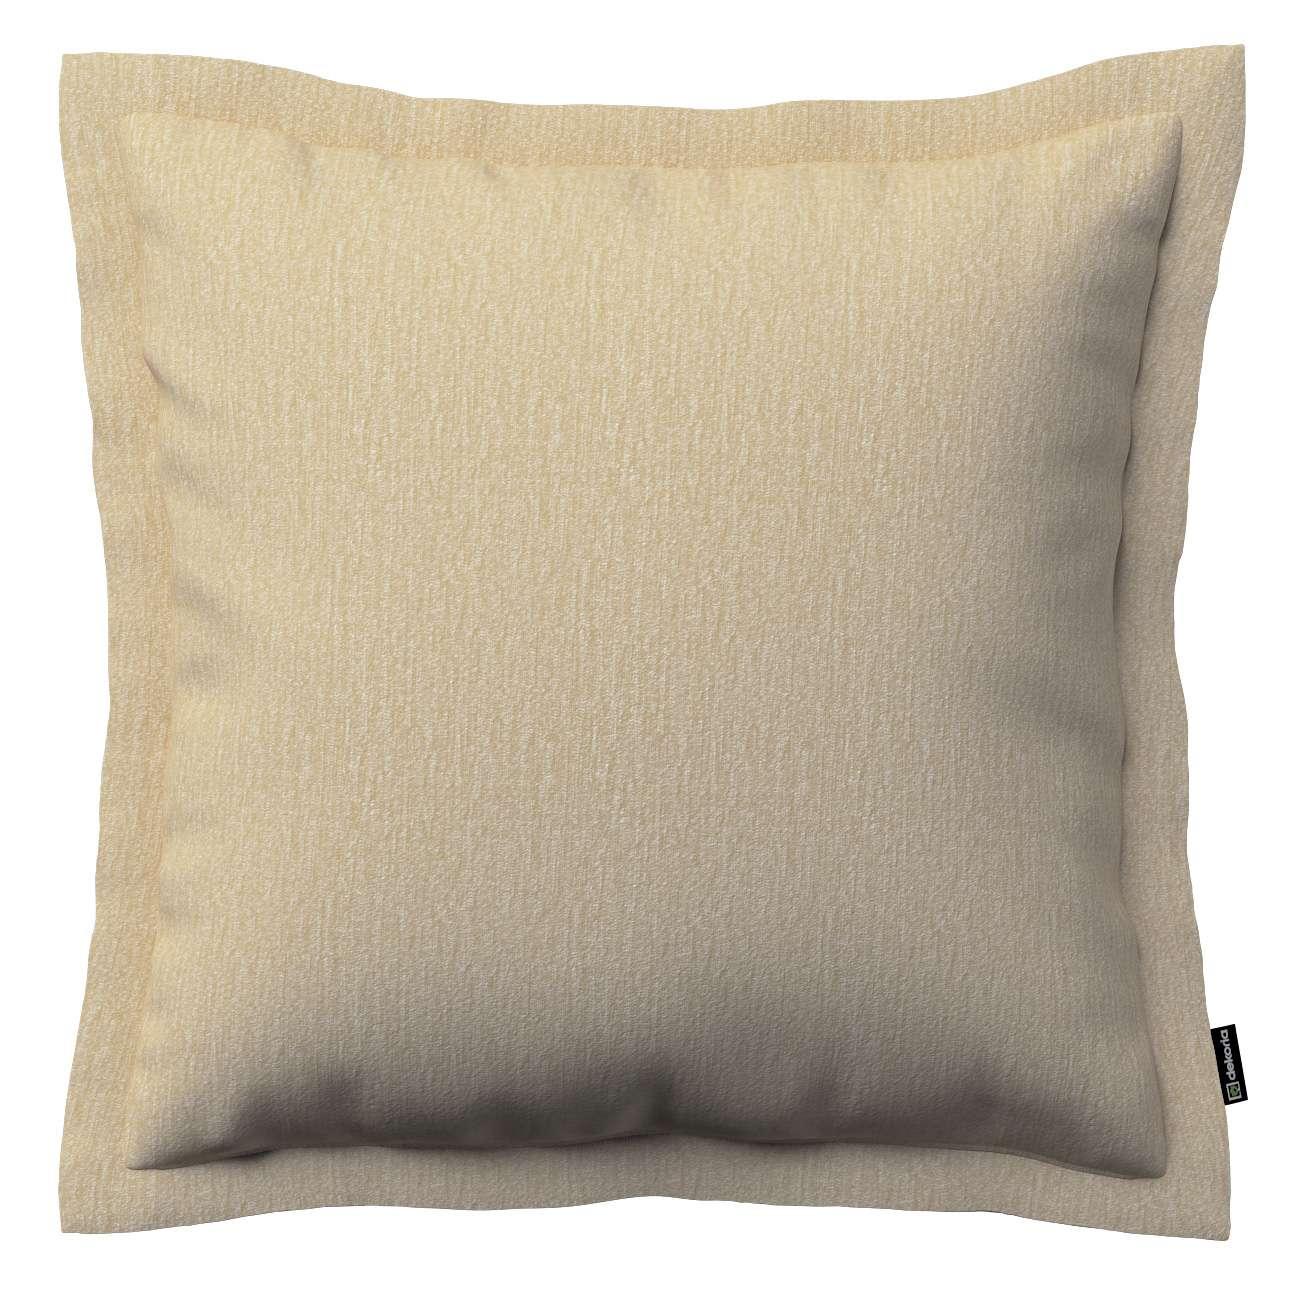 Mona dekoratyvinių pagalvėlių užvalkalas su sienele 45 x 45cm kolekcijoje Chenille, audinys: 702-22